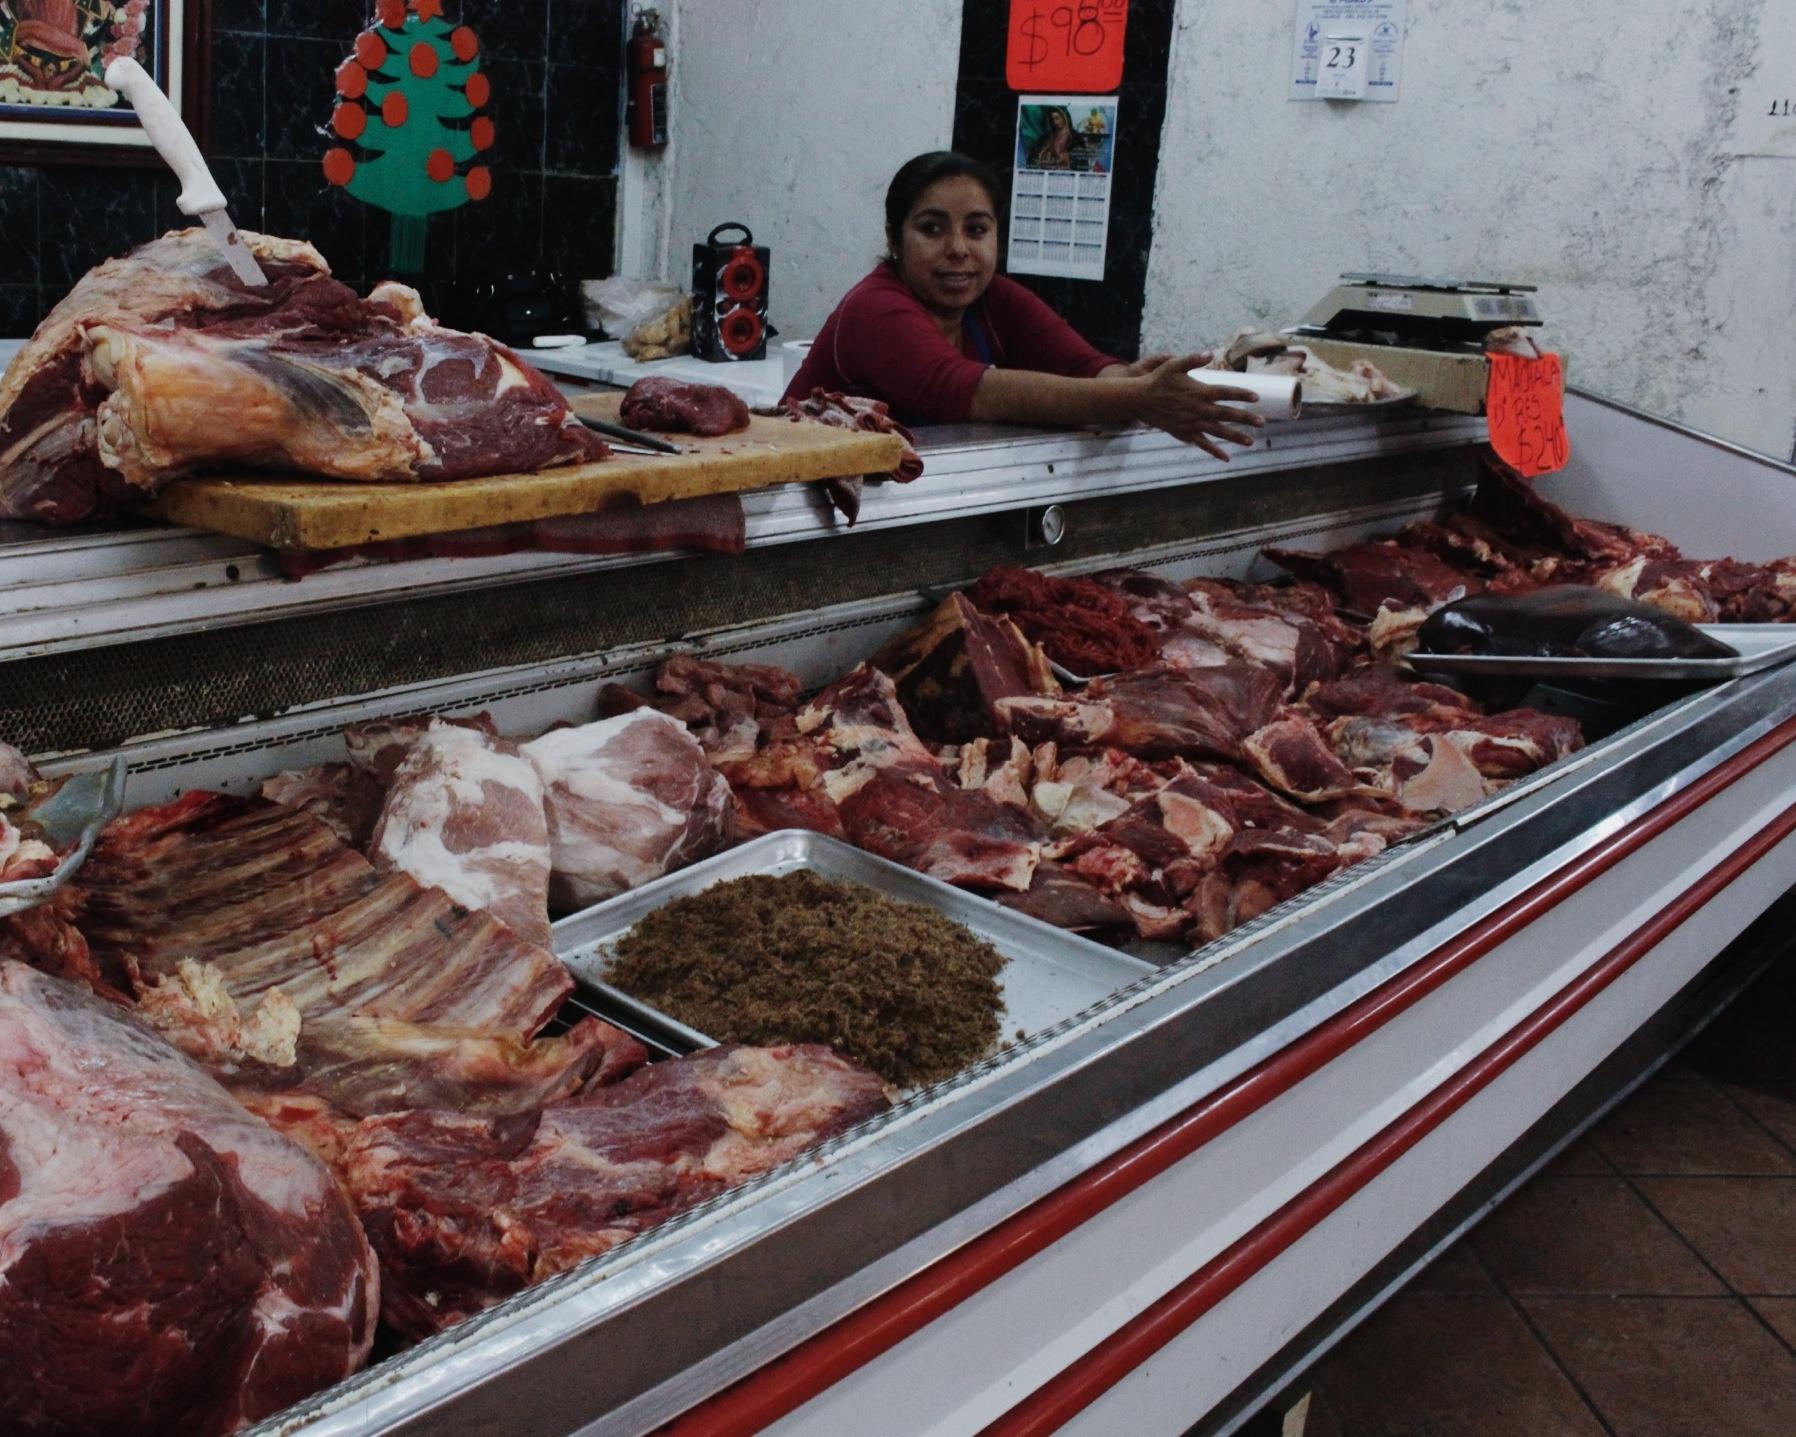 La Paz central market